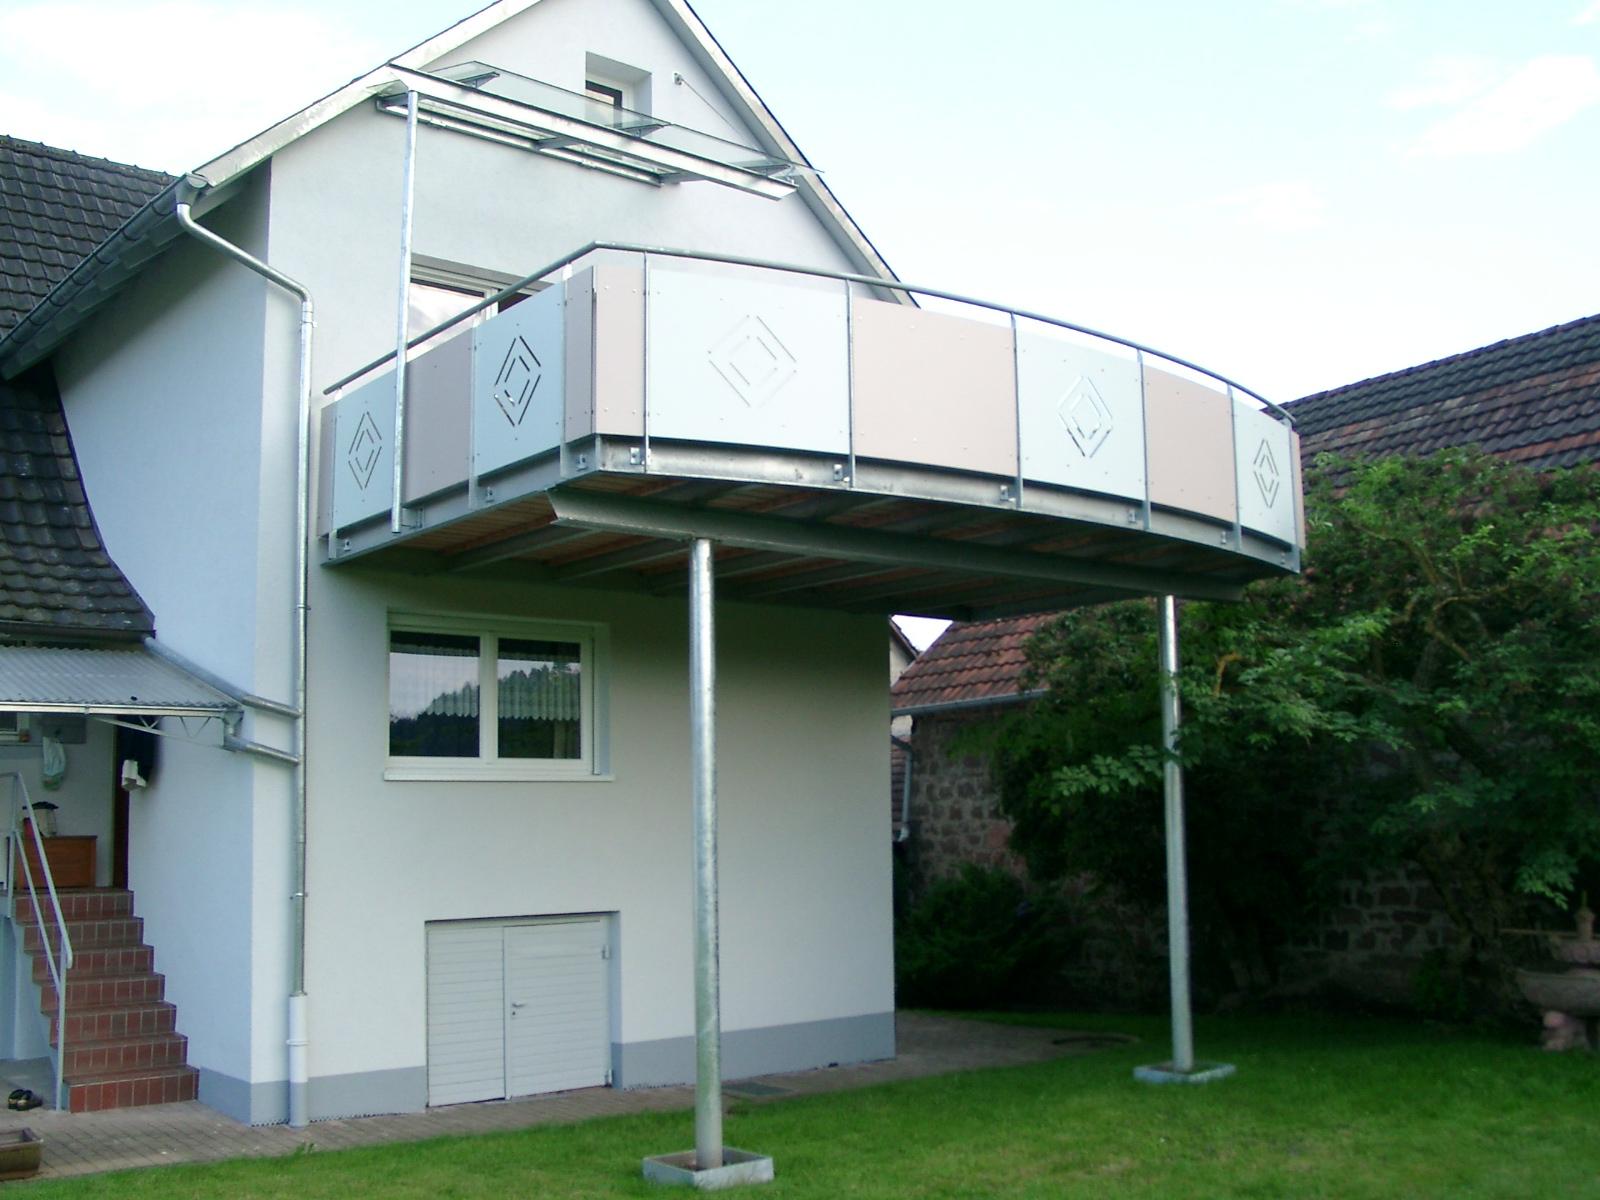 balkone aus aluminium sterreich innenr ume und m bel ideen. Black Bedroom Furniture Sets. Home Design Ideas